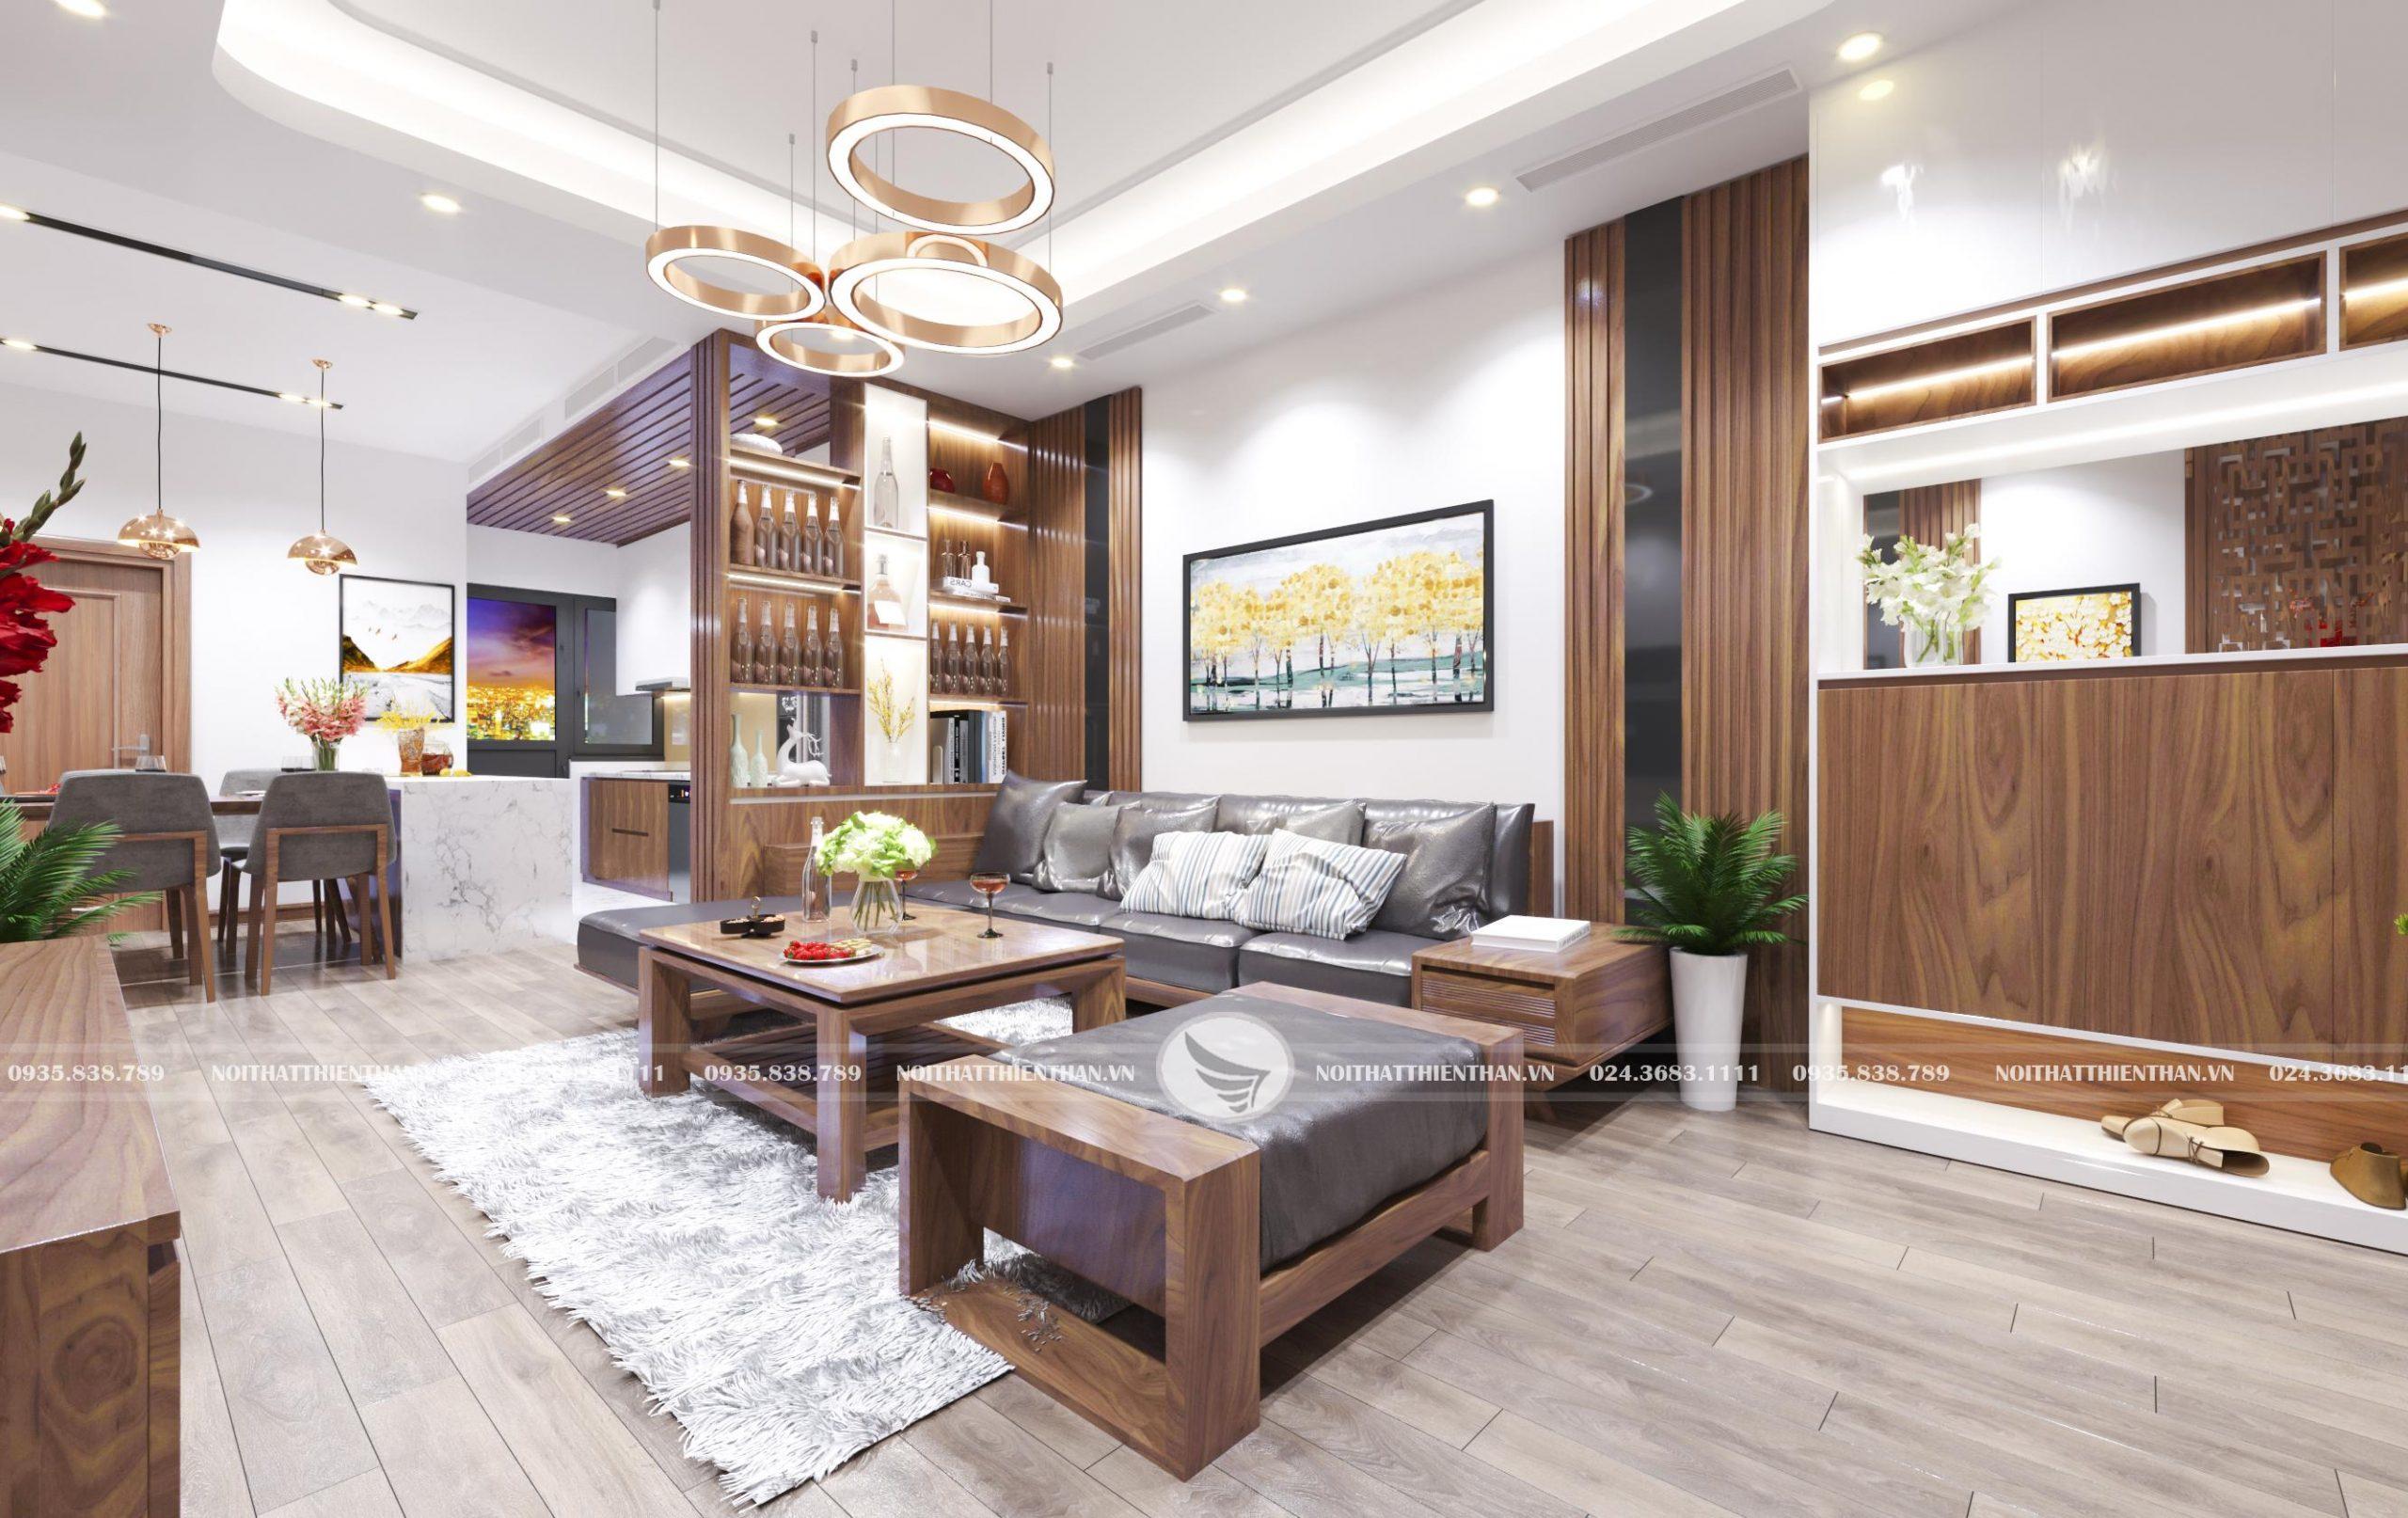 thiết kế phòng khách hiện đại đẹp